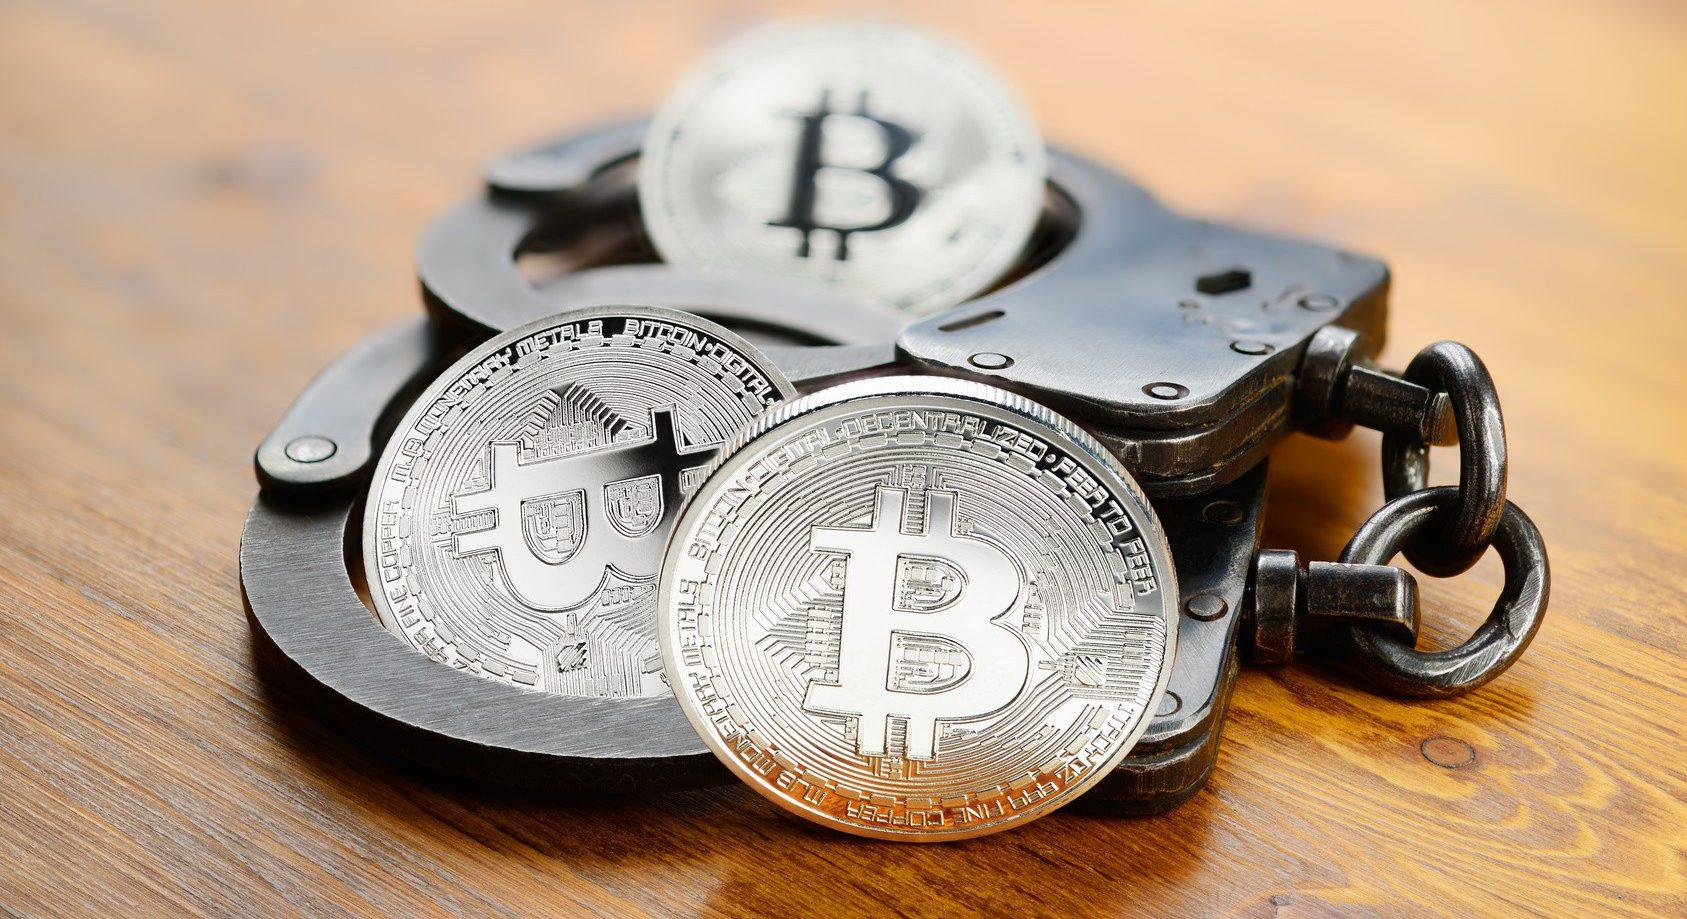 umfrage 31 prozent der sterreicher f r bitcoin verbot. Black Bedroom Furniture Sets. Home Design Ideas